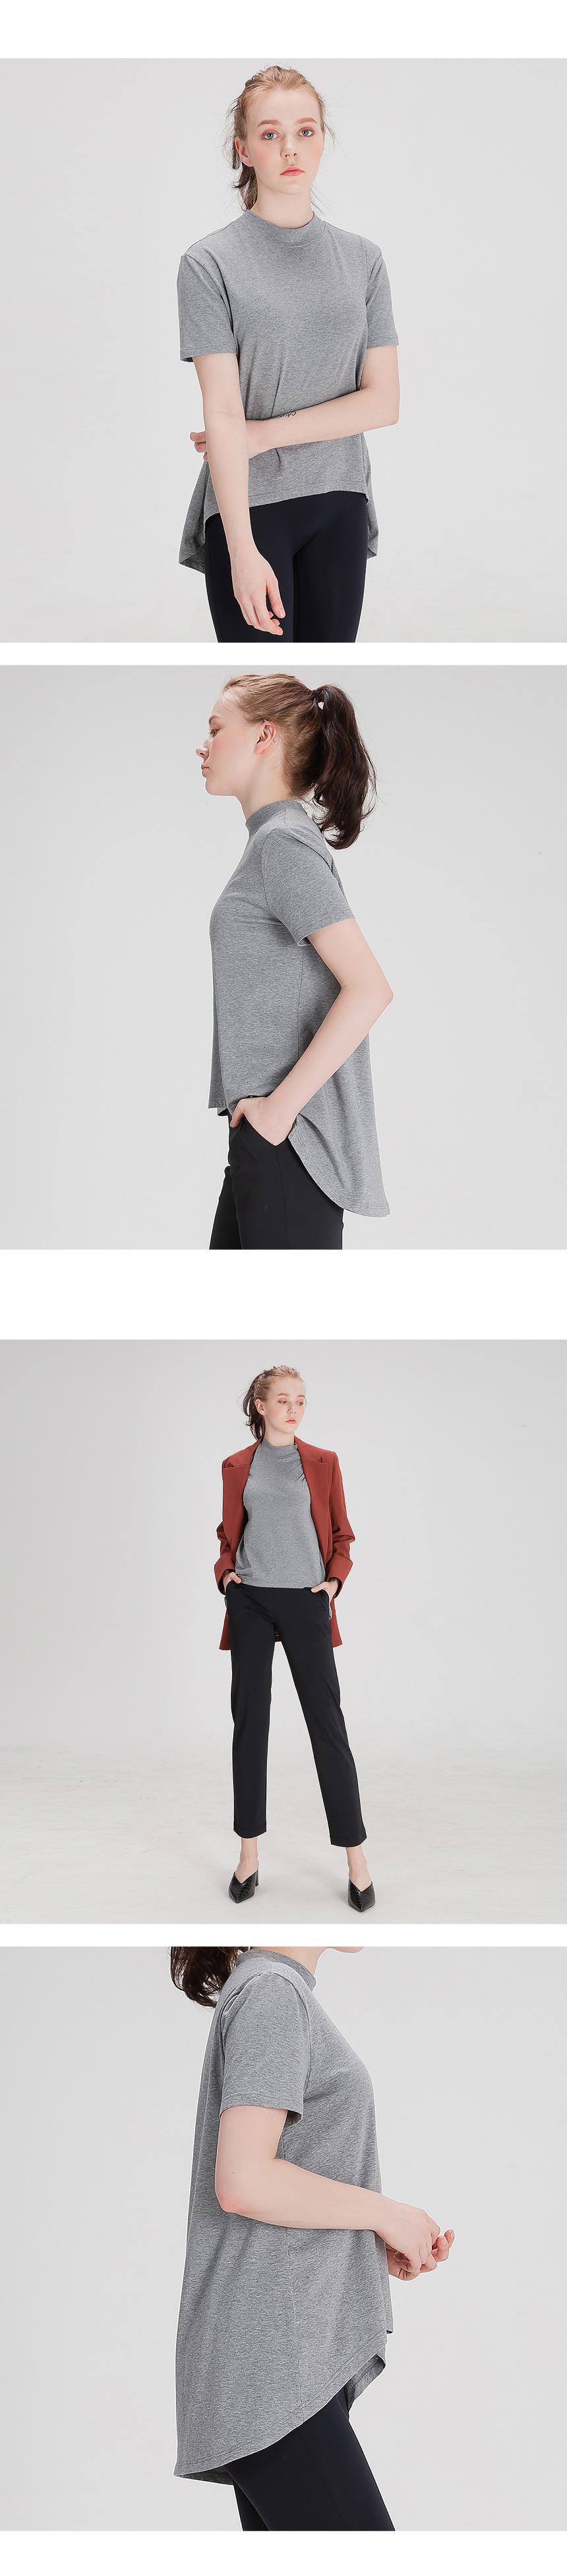 에이라인 반목폴라 반팔 티셔츠 그레이 - 뒤란, 35,000원, 여성 트레이닝, 상의